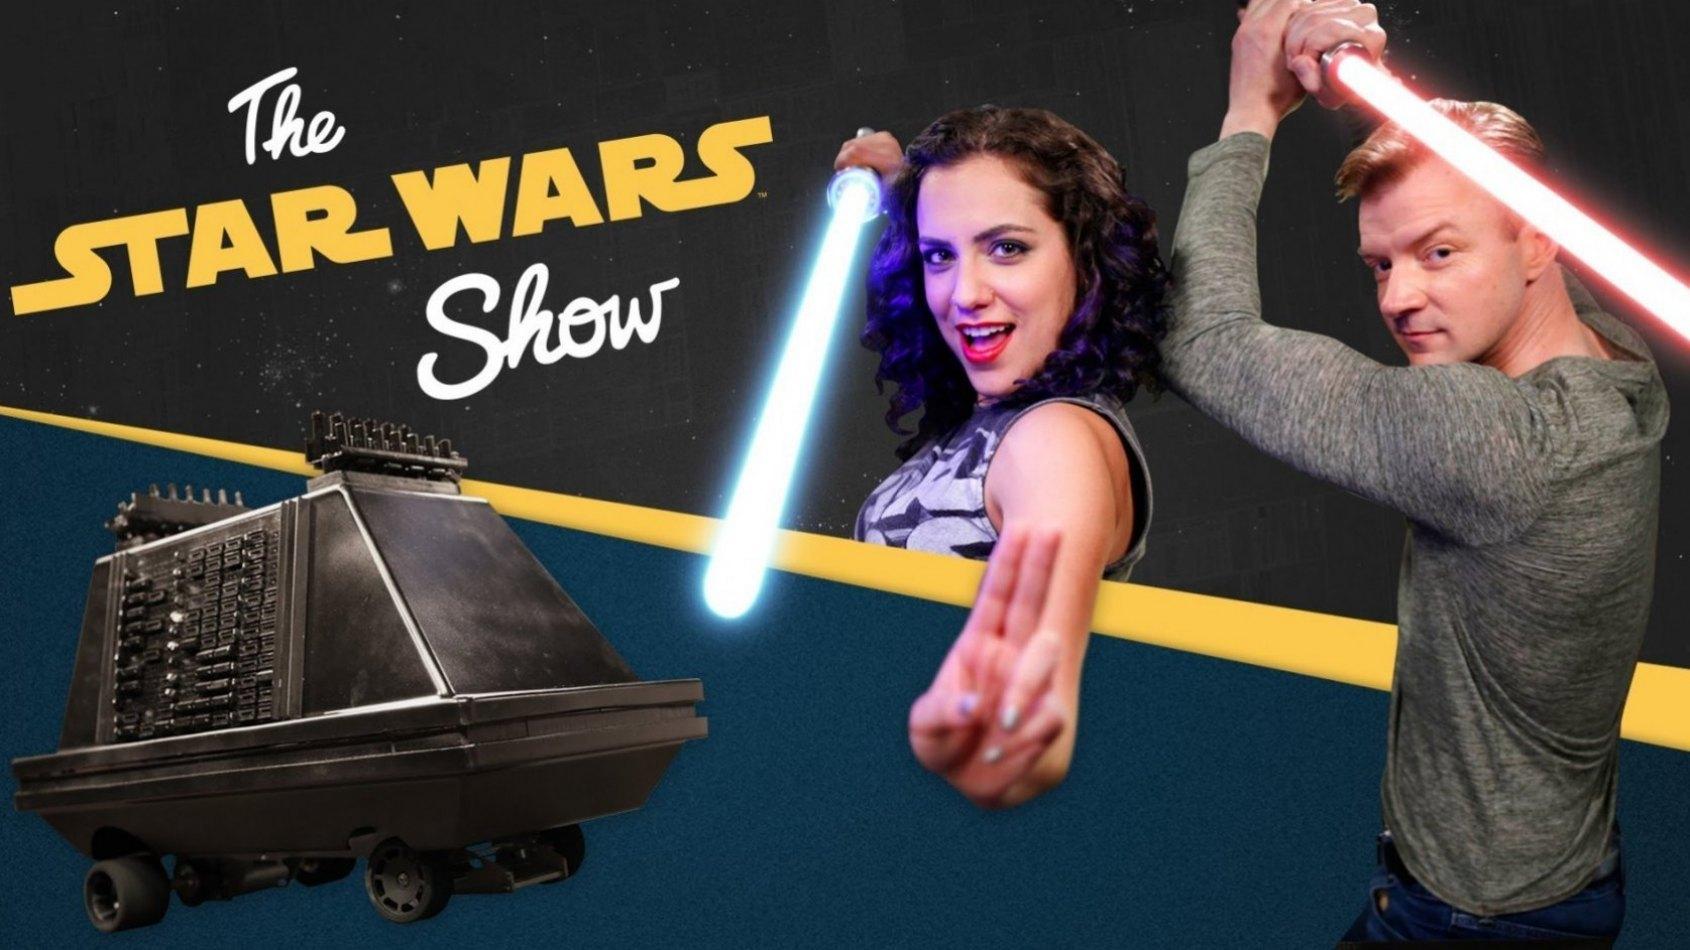 The Star Wars Show #11: Bistan et l'acteur Alden Ehrenreich